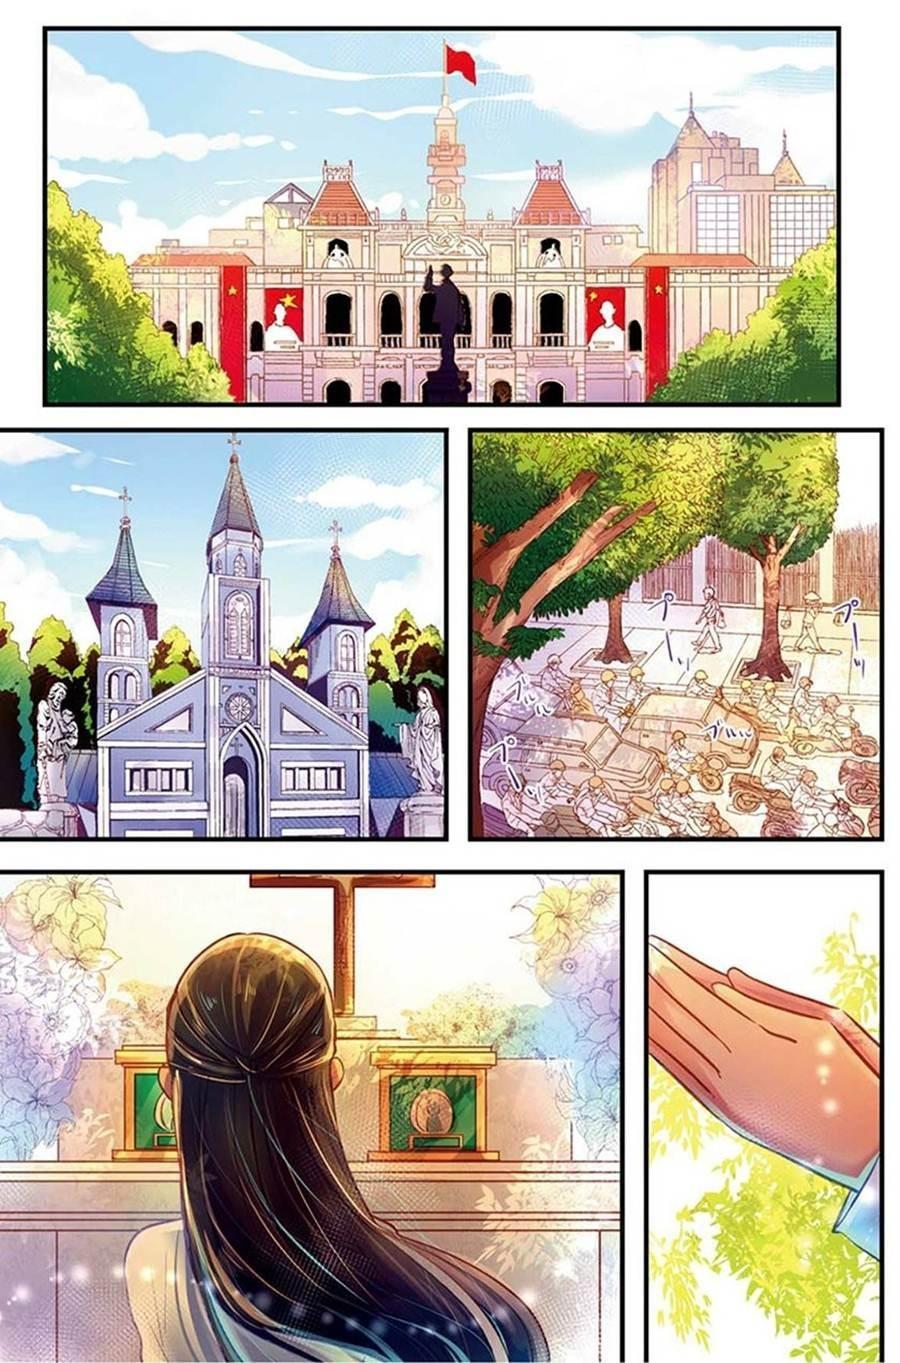 """Ngắm những địa danh thân thuộc của Việt Nam qua bộ truyện tranh Nhật Bản """"Little Lotus"""" ảnh 2"""